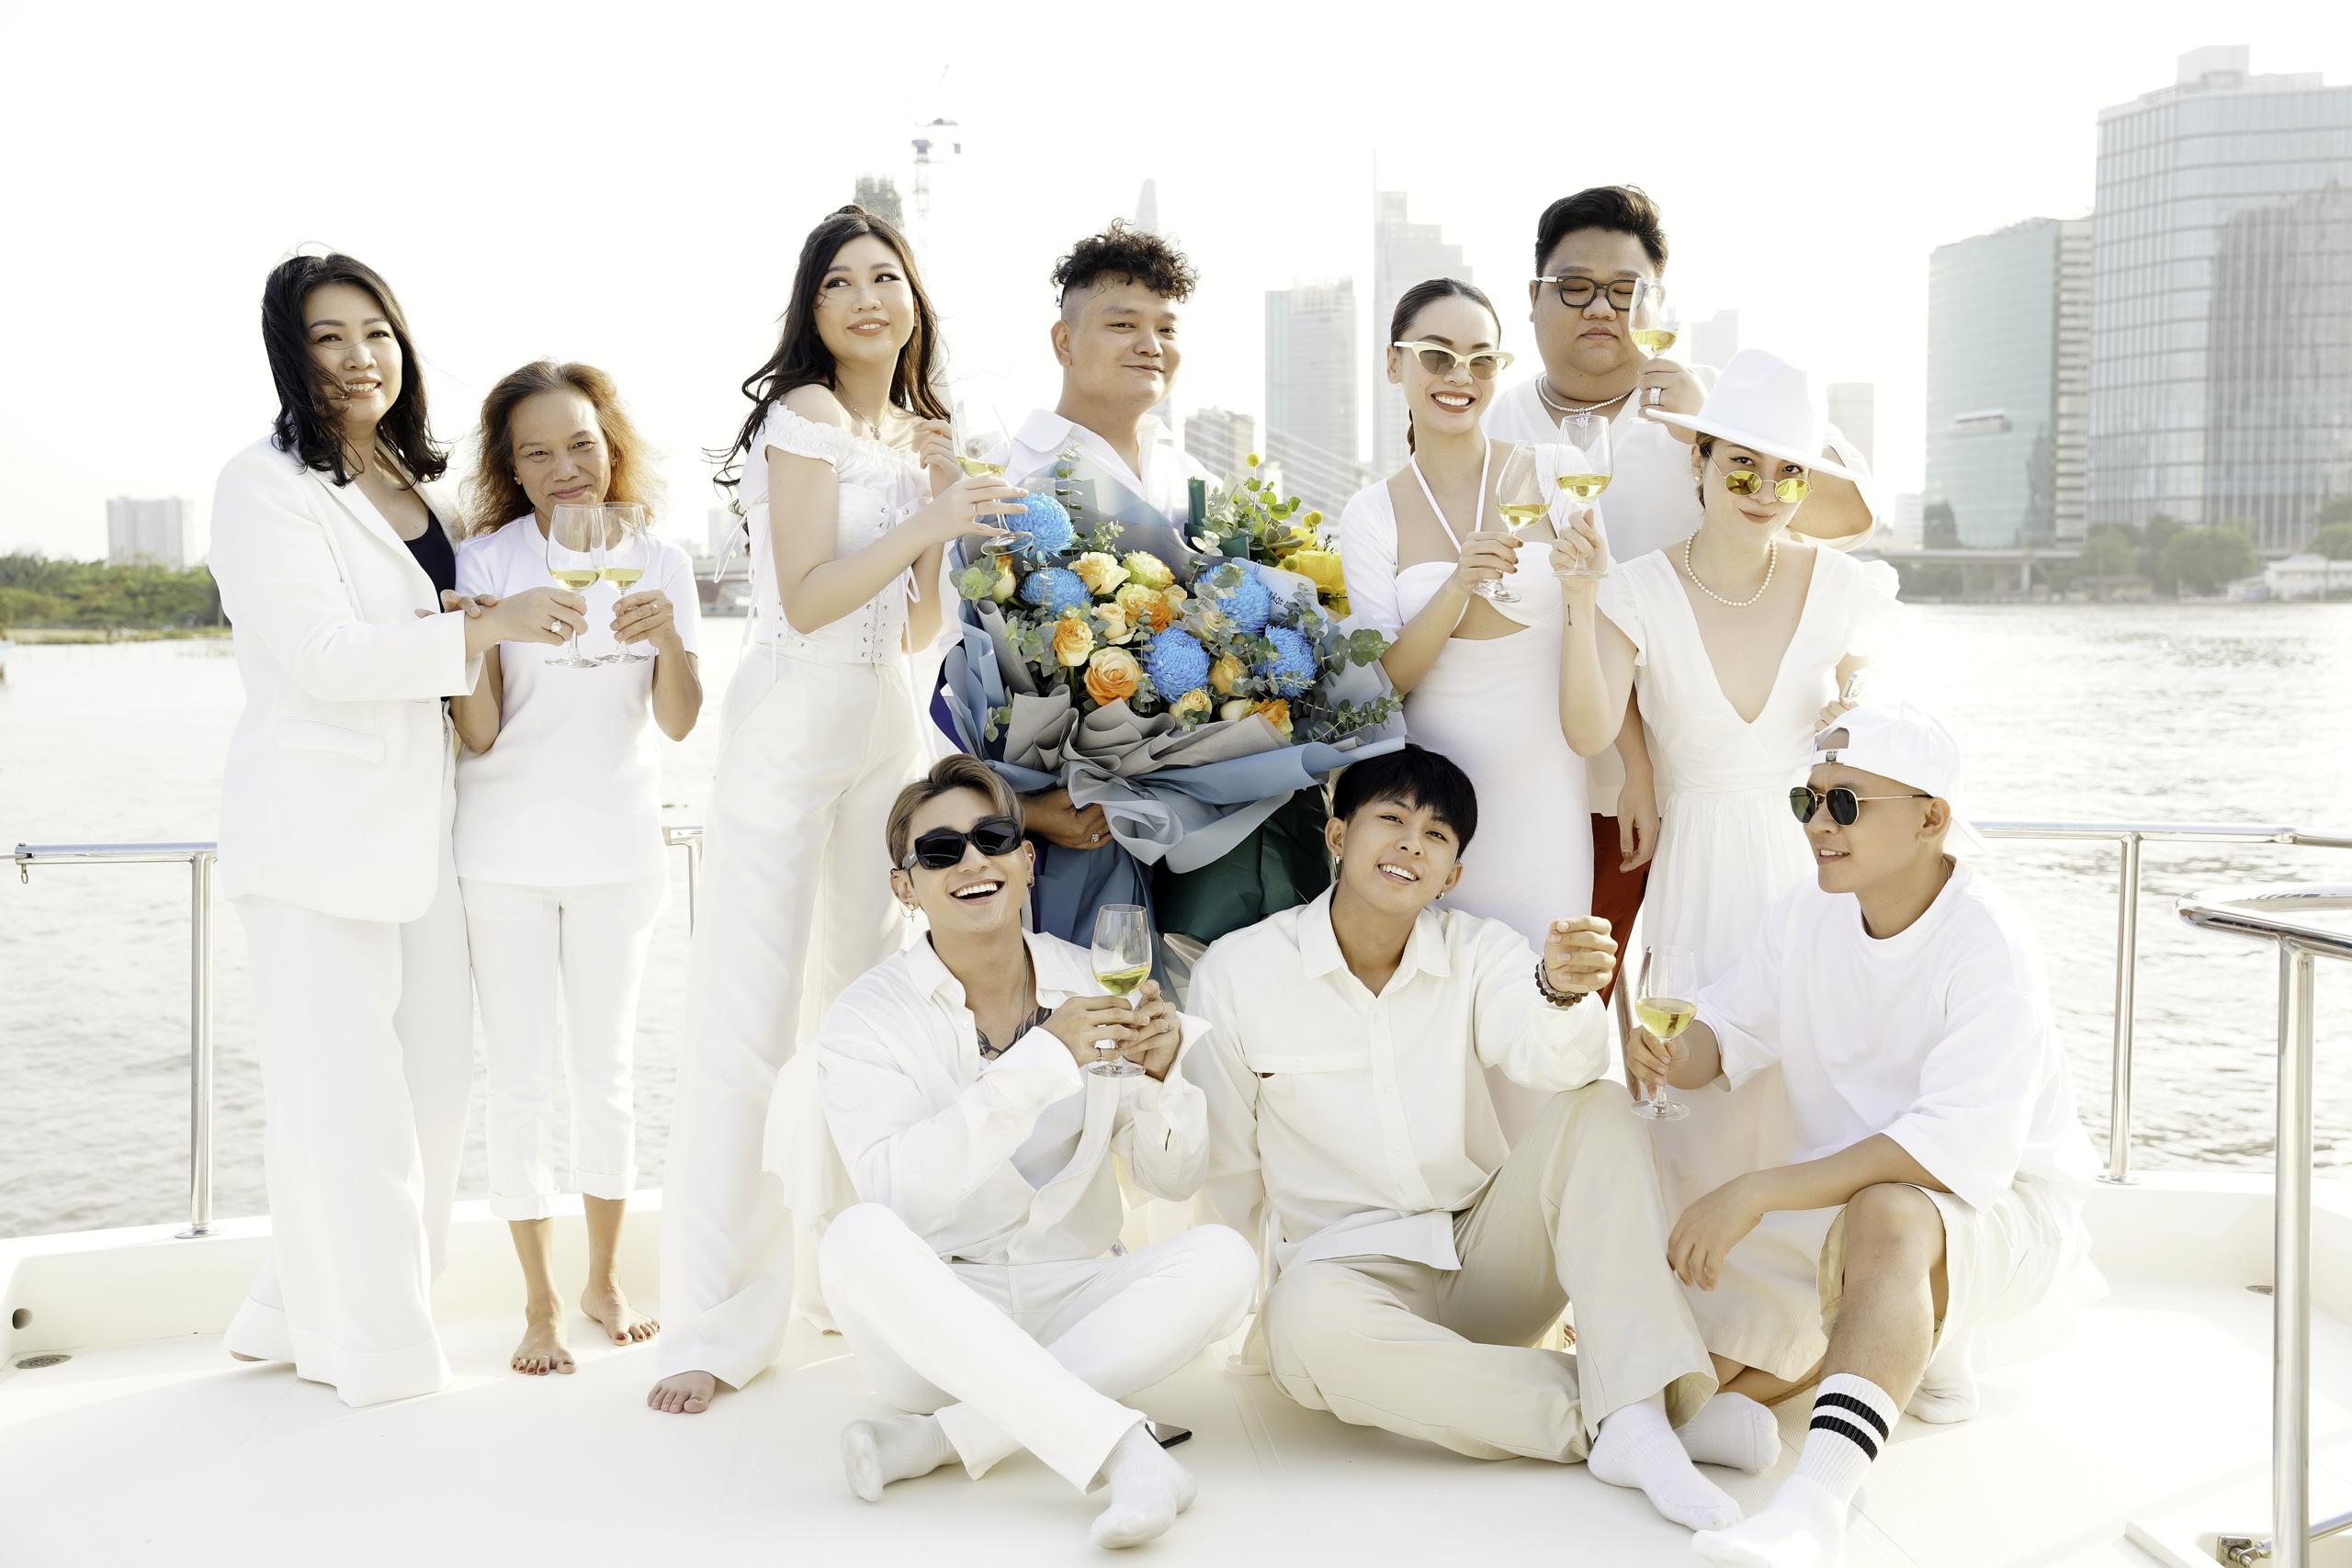 Yến Trang thân thiết bên Trịnh Tú Trung, Hoa hậu nhí cao 1m74 Ngọc Lan Vy chiếm spotlight vì quá xinh đẹp - Ảnh 6.